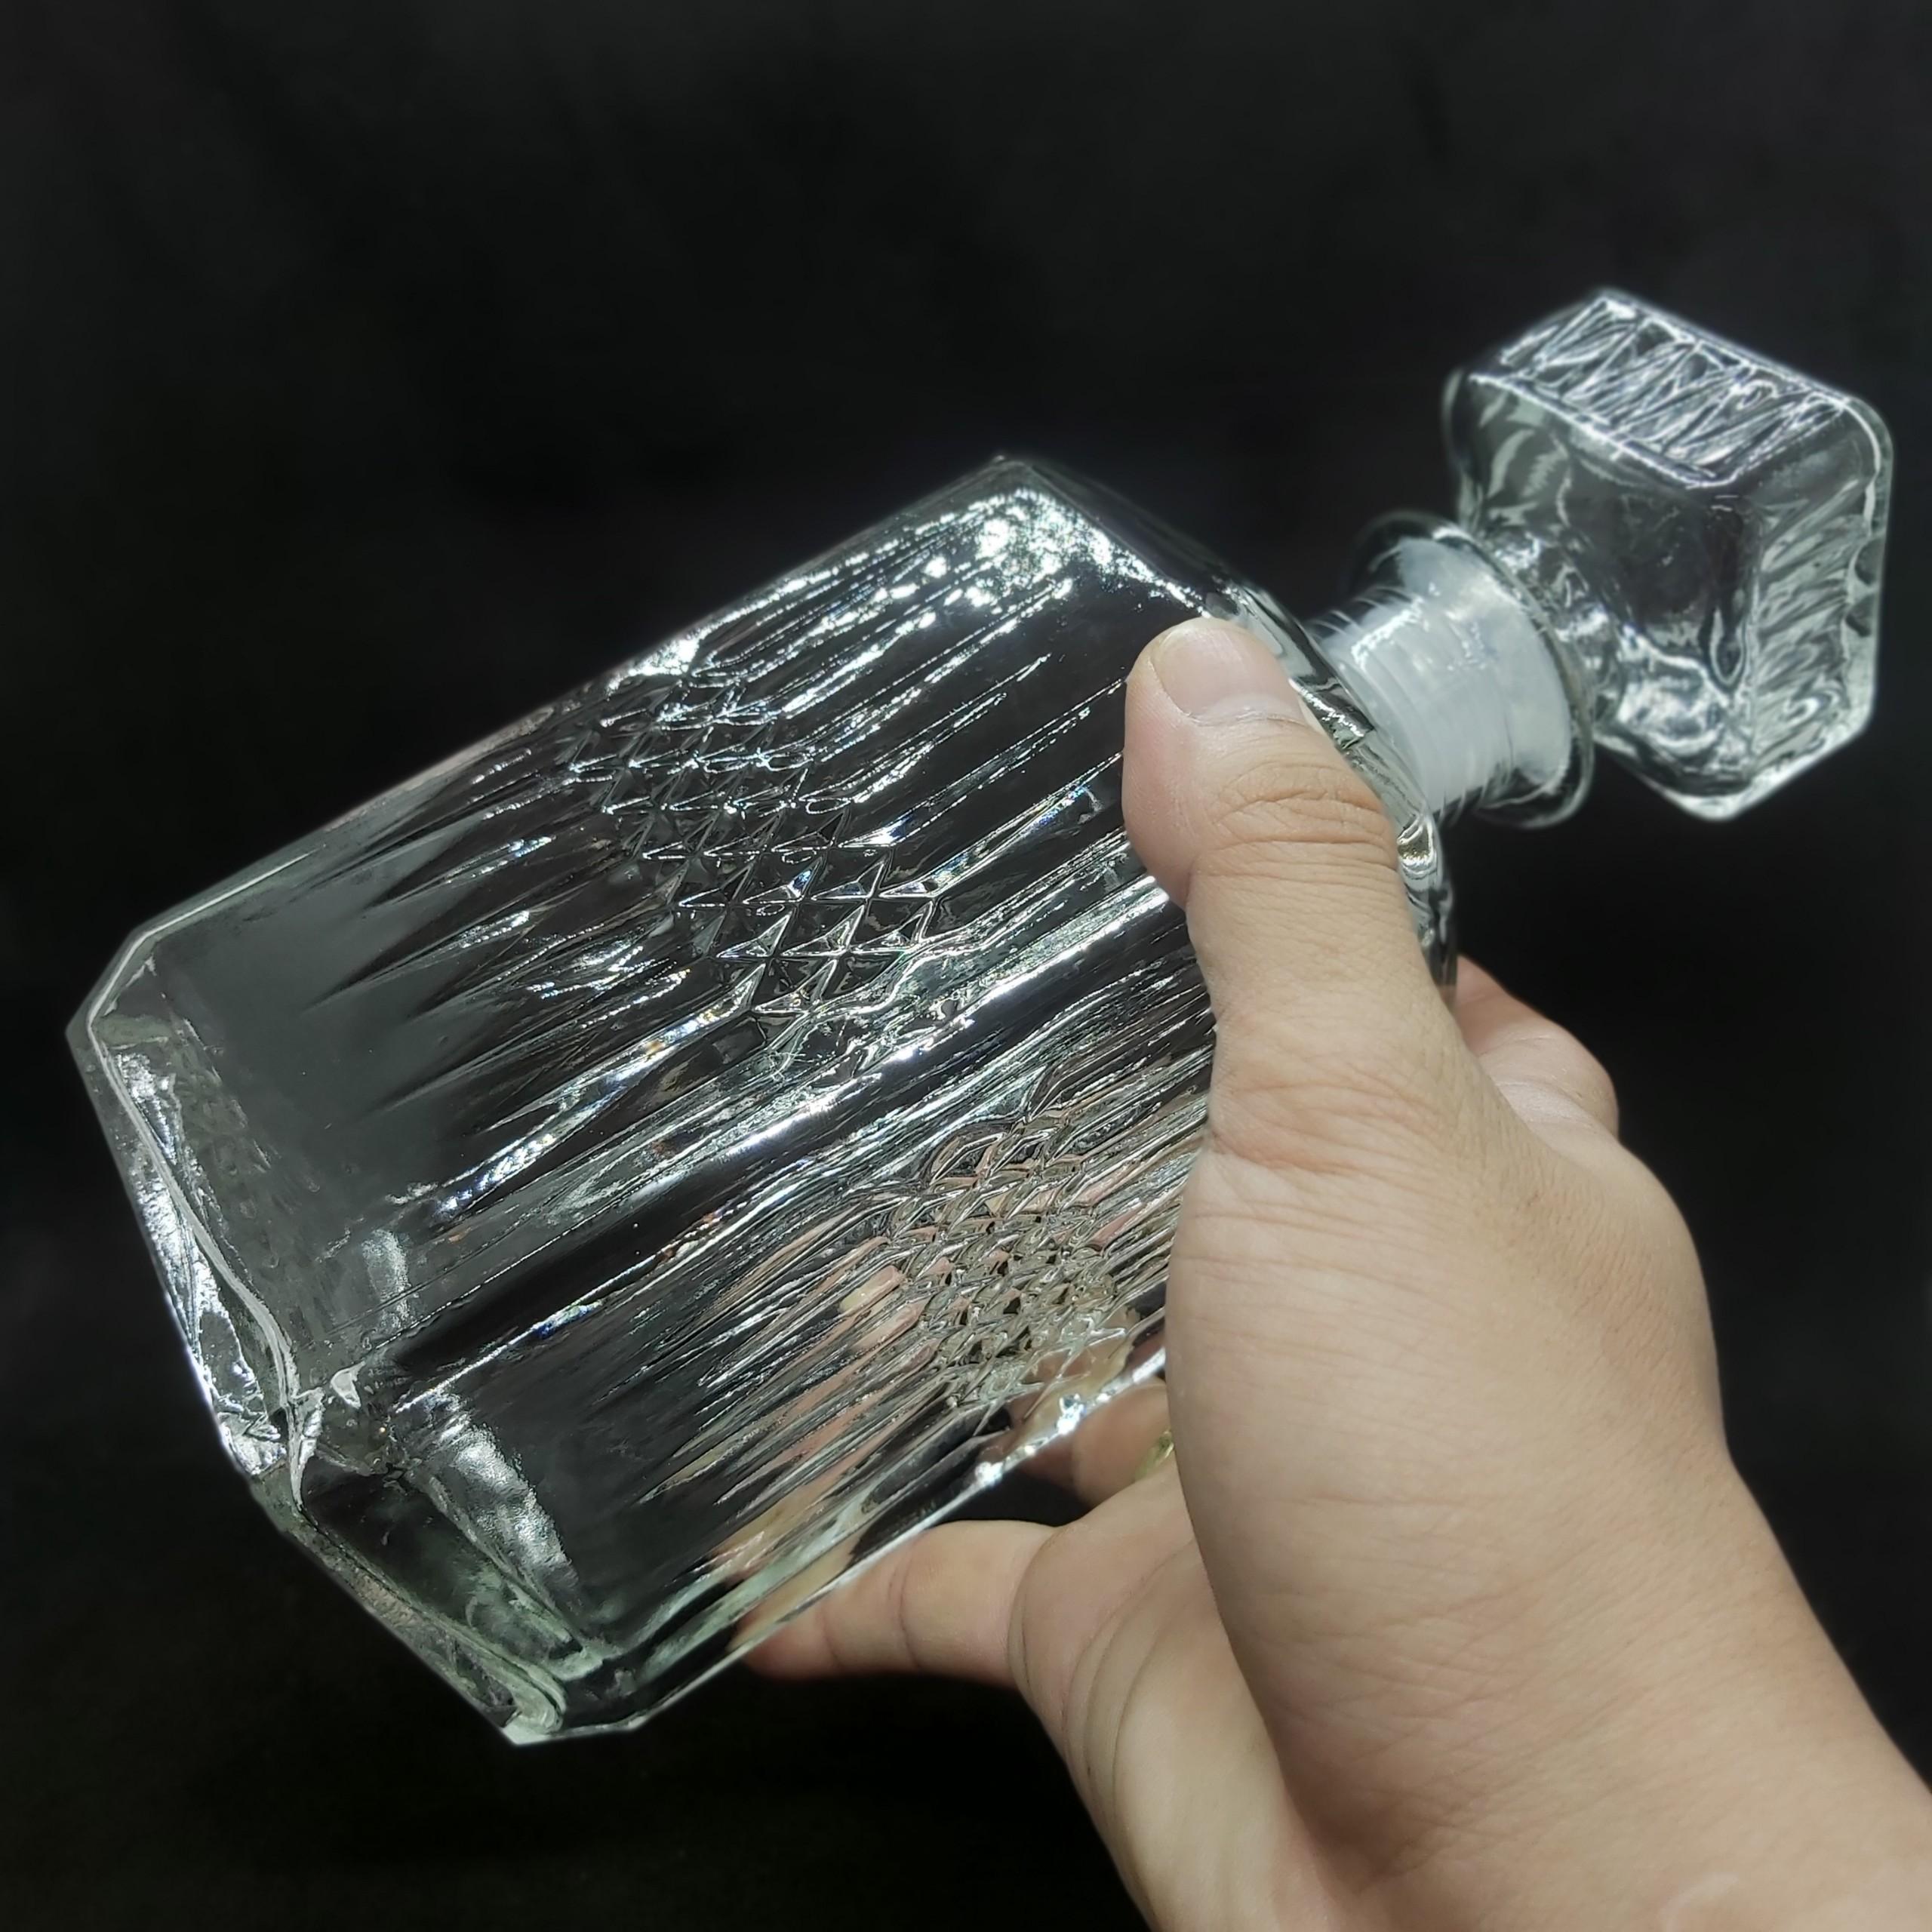 Chai Thủy Tinh đựng Rượu cao cấp 1000ML VUÔNG họa tiết Gân KIM CƯƠNG nổi – Vỏ Chai rượu 1 lít, bình rượu thủy tinh siêu trong